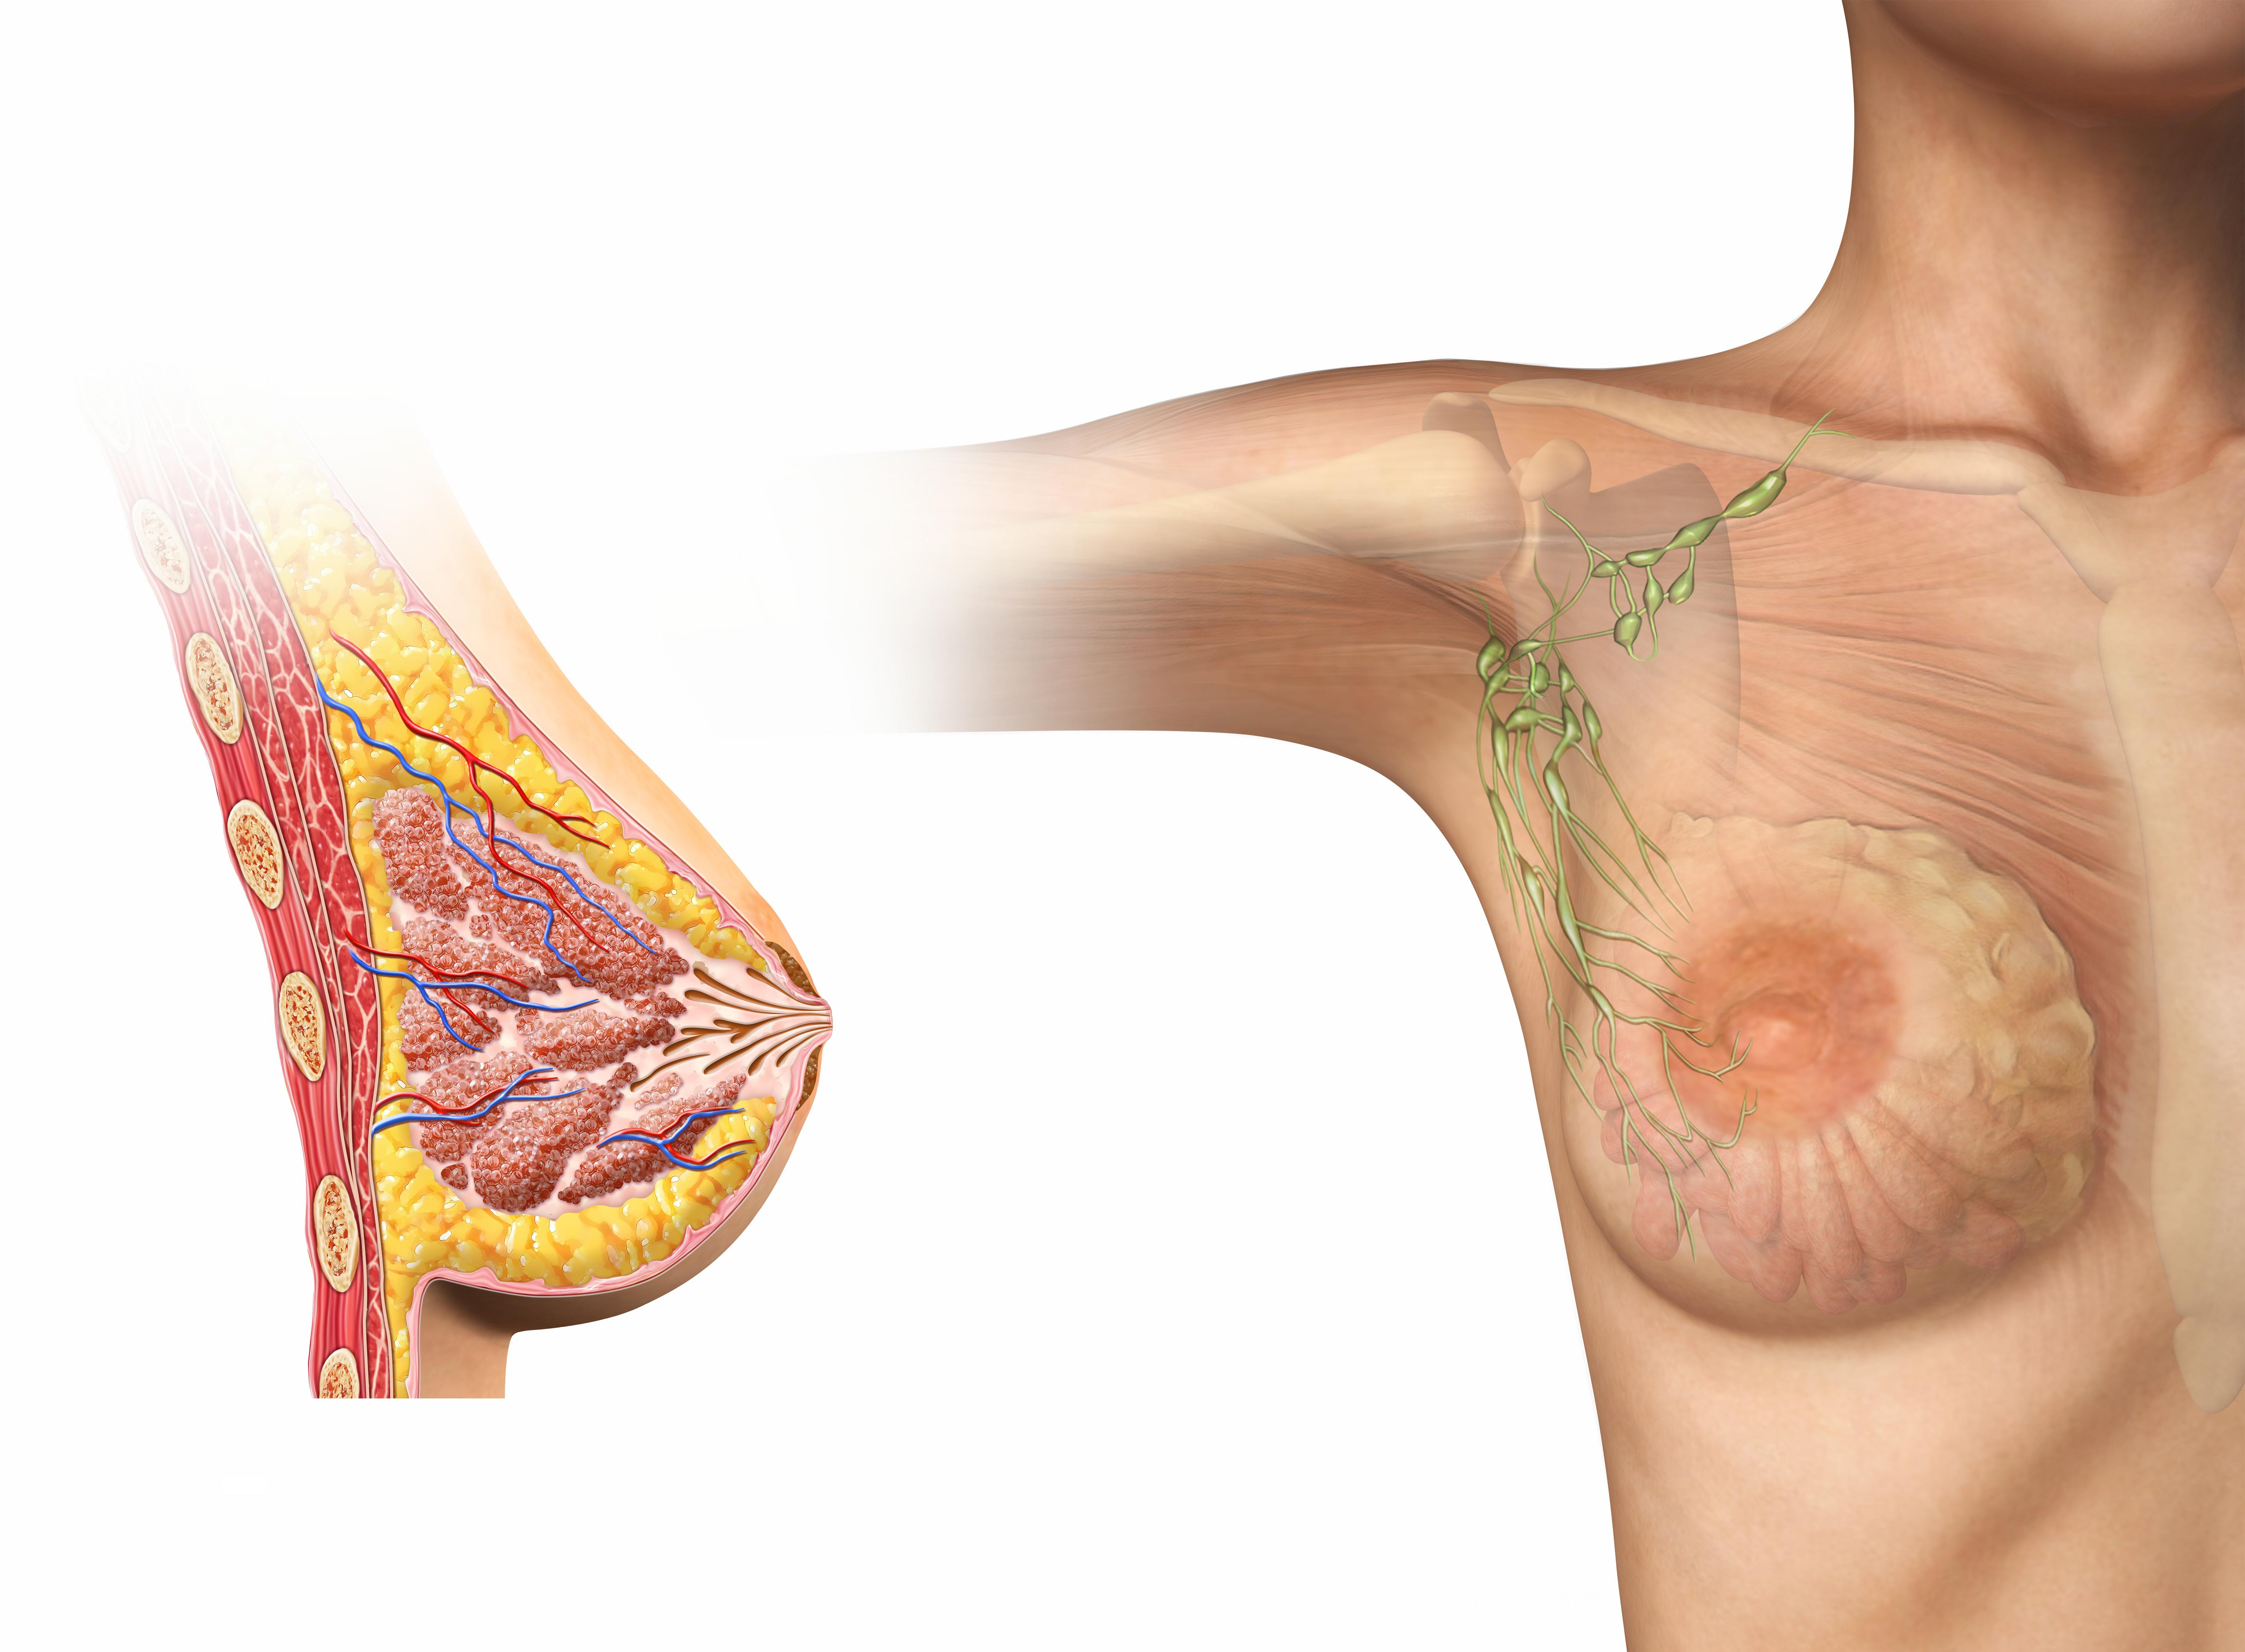 Groß Venöse Anatomie Der Brust Galerie - Anatomie Ideen - finotti.info